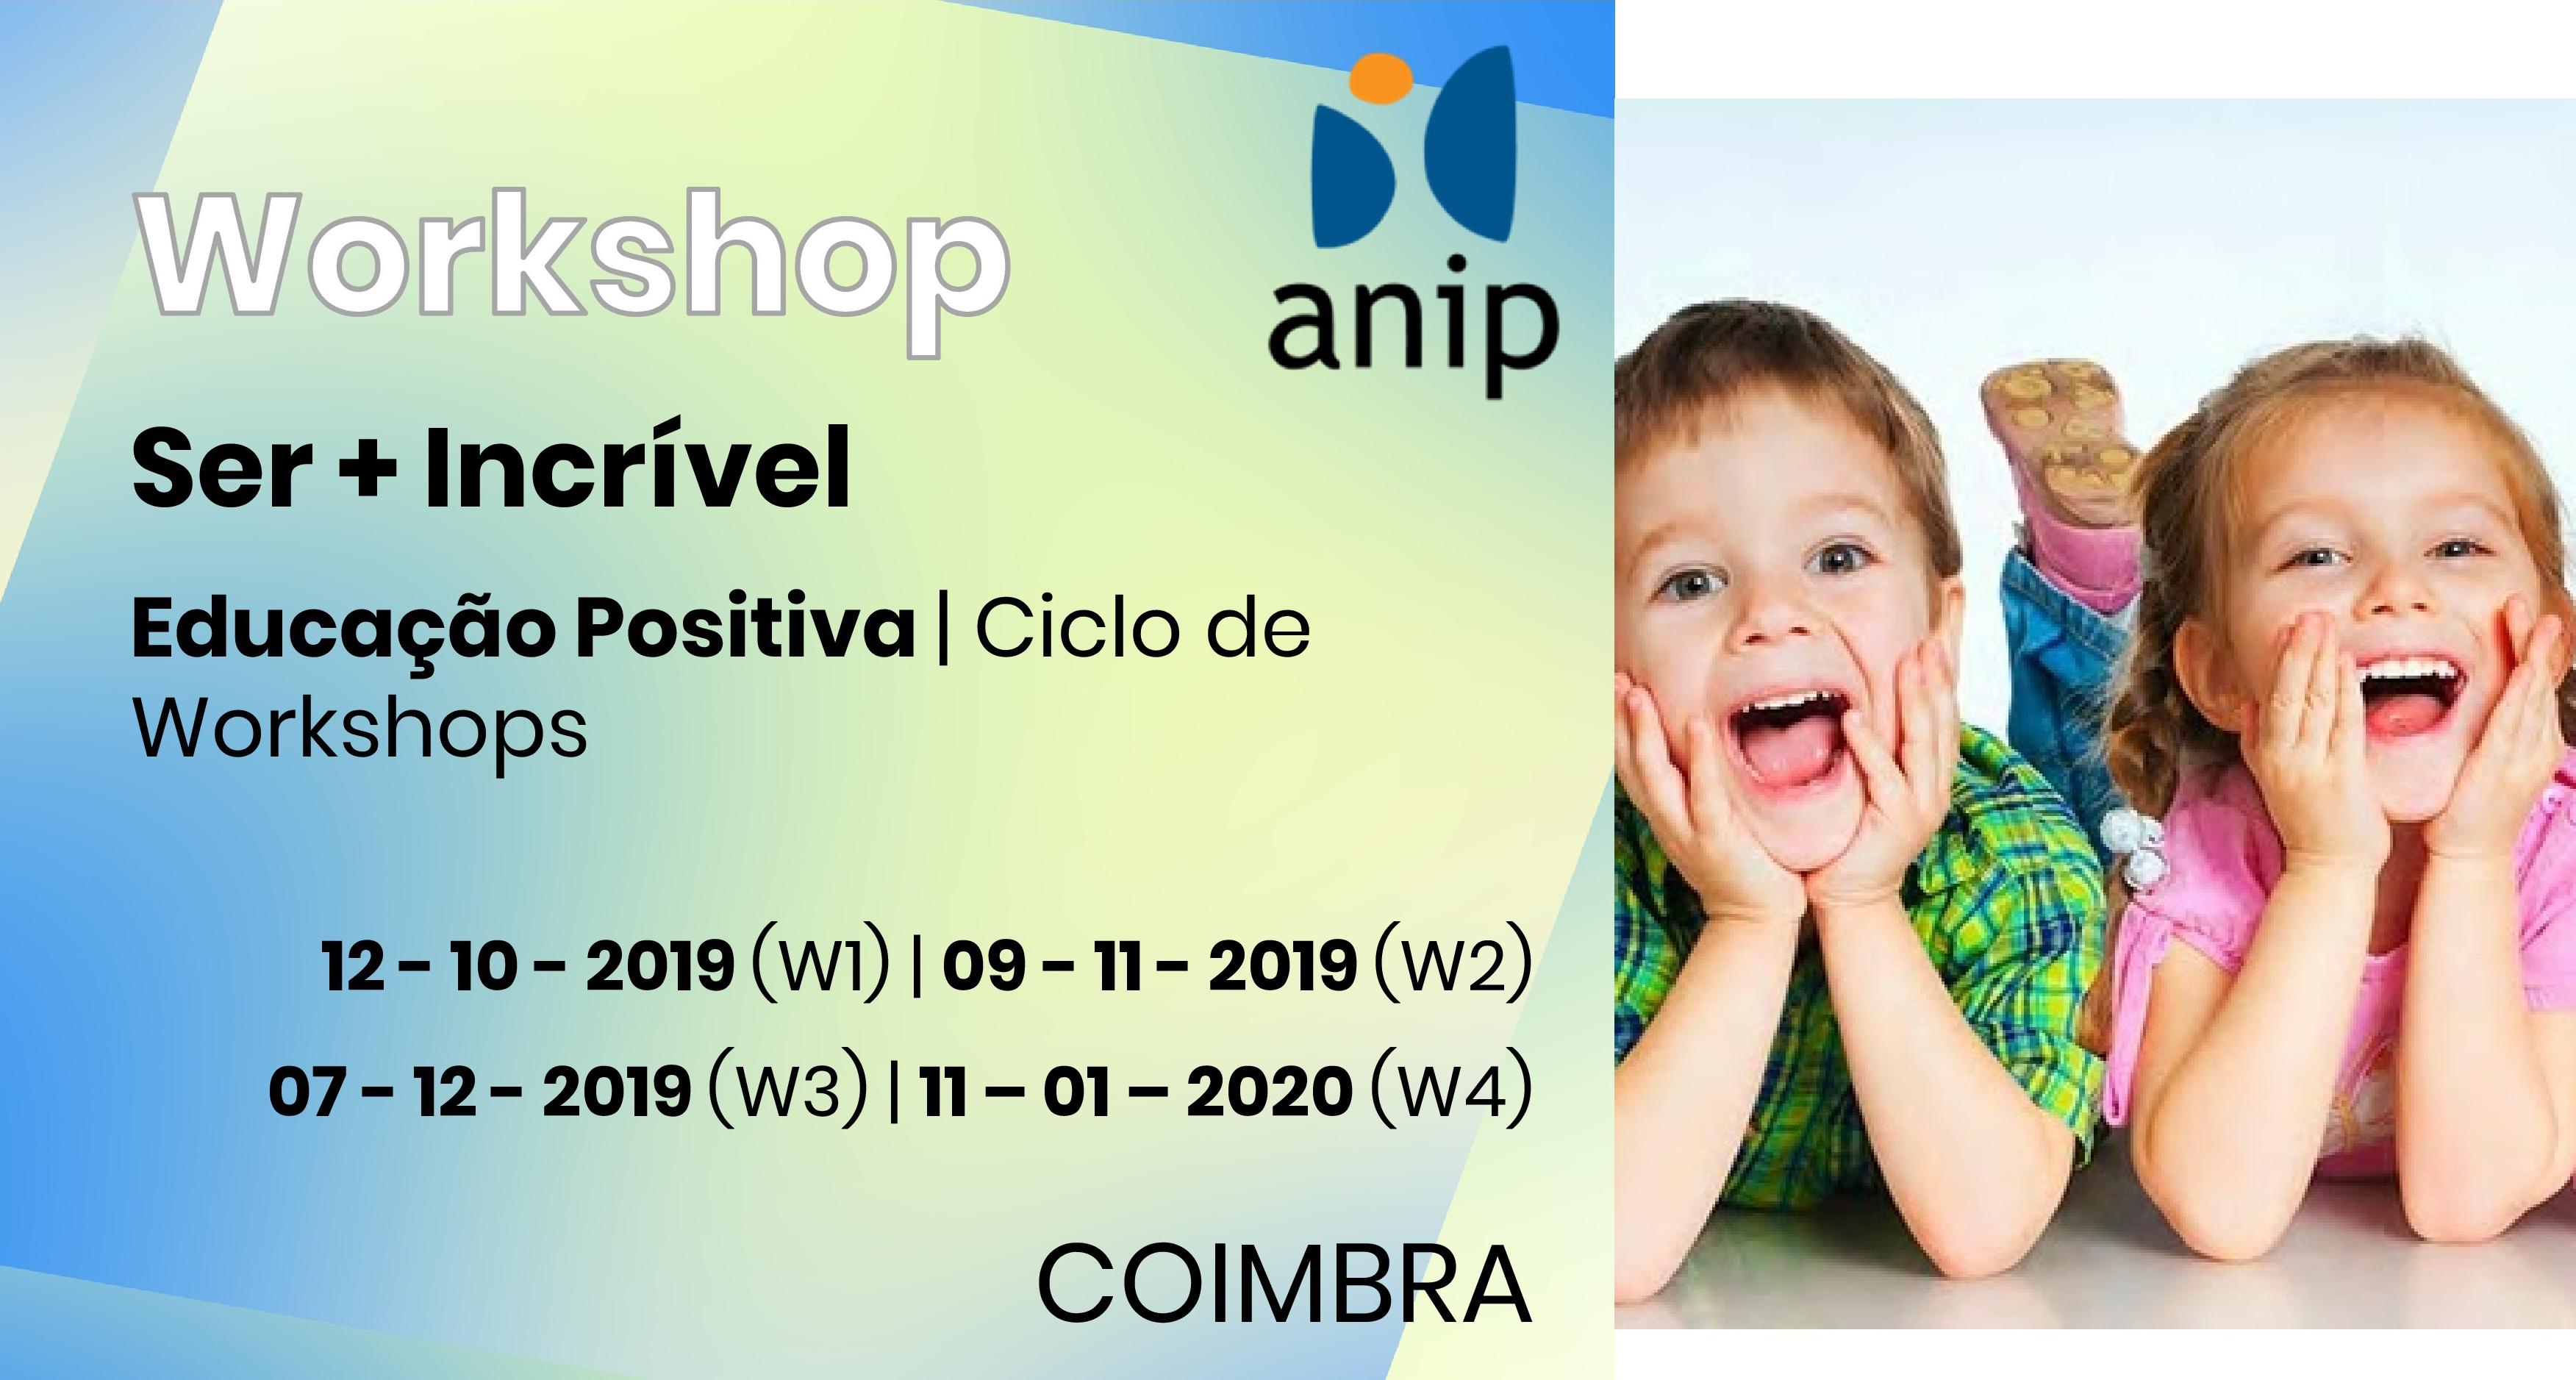 Ser+ Incrível: Educação positiva (Coimbra)